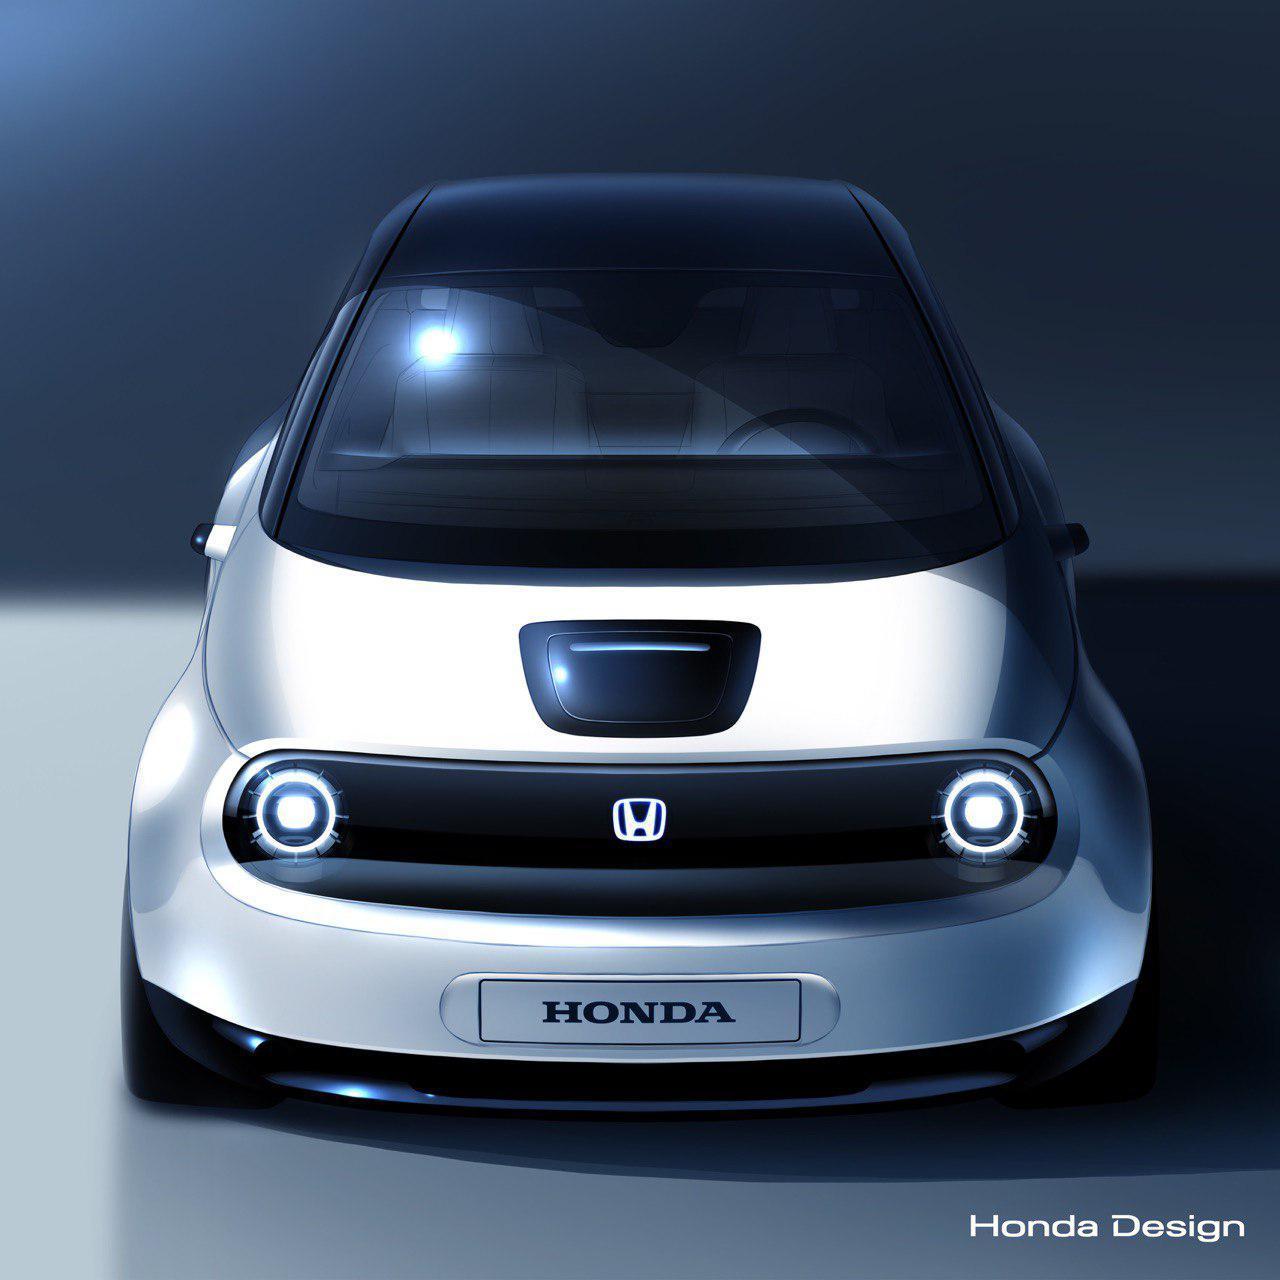 Опубликованное 23 января изображение предсерийного прототипа Honda Urban EV